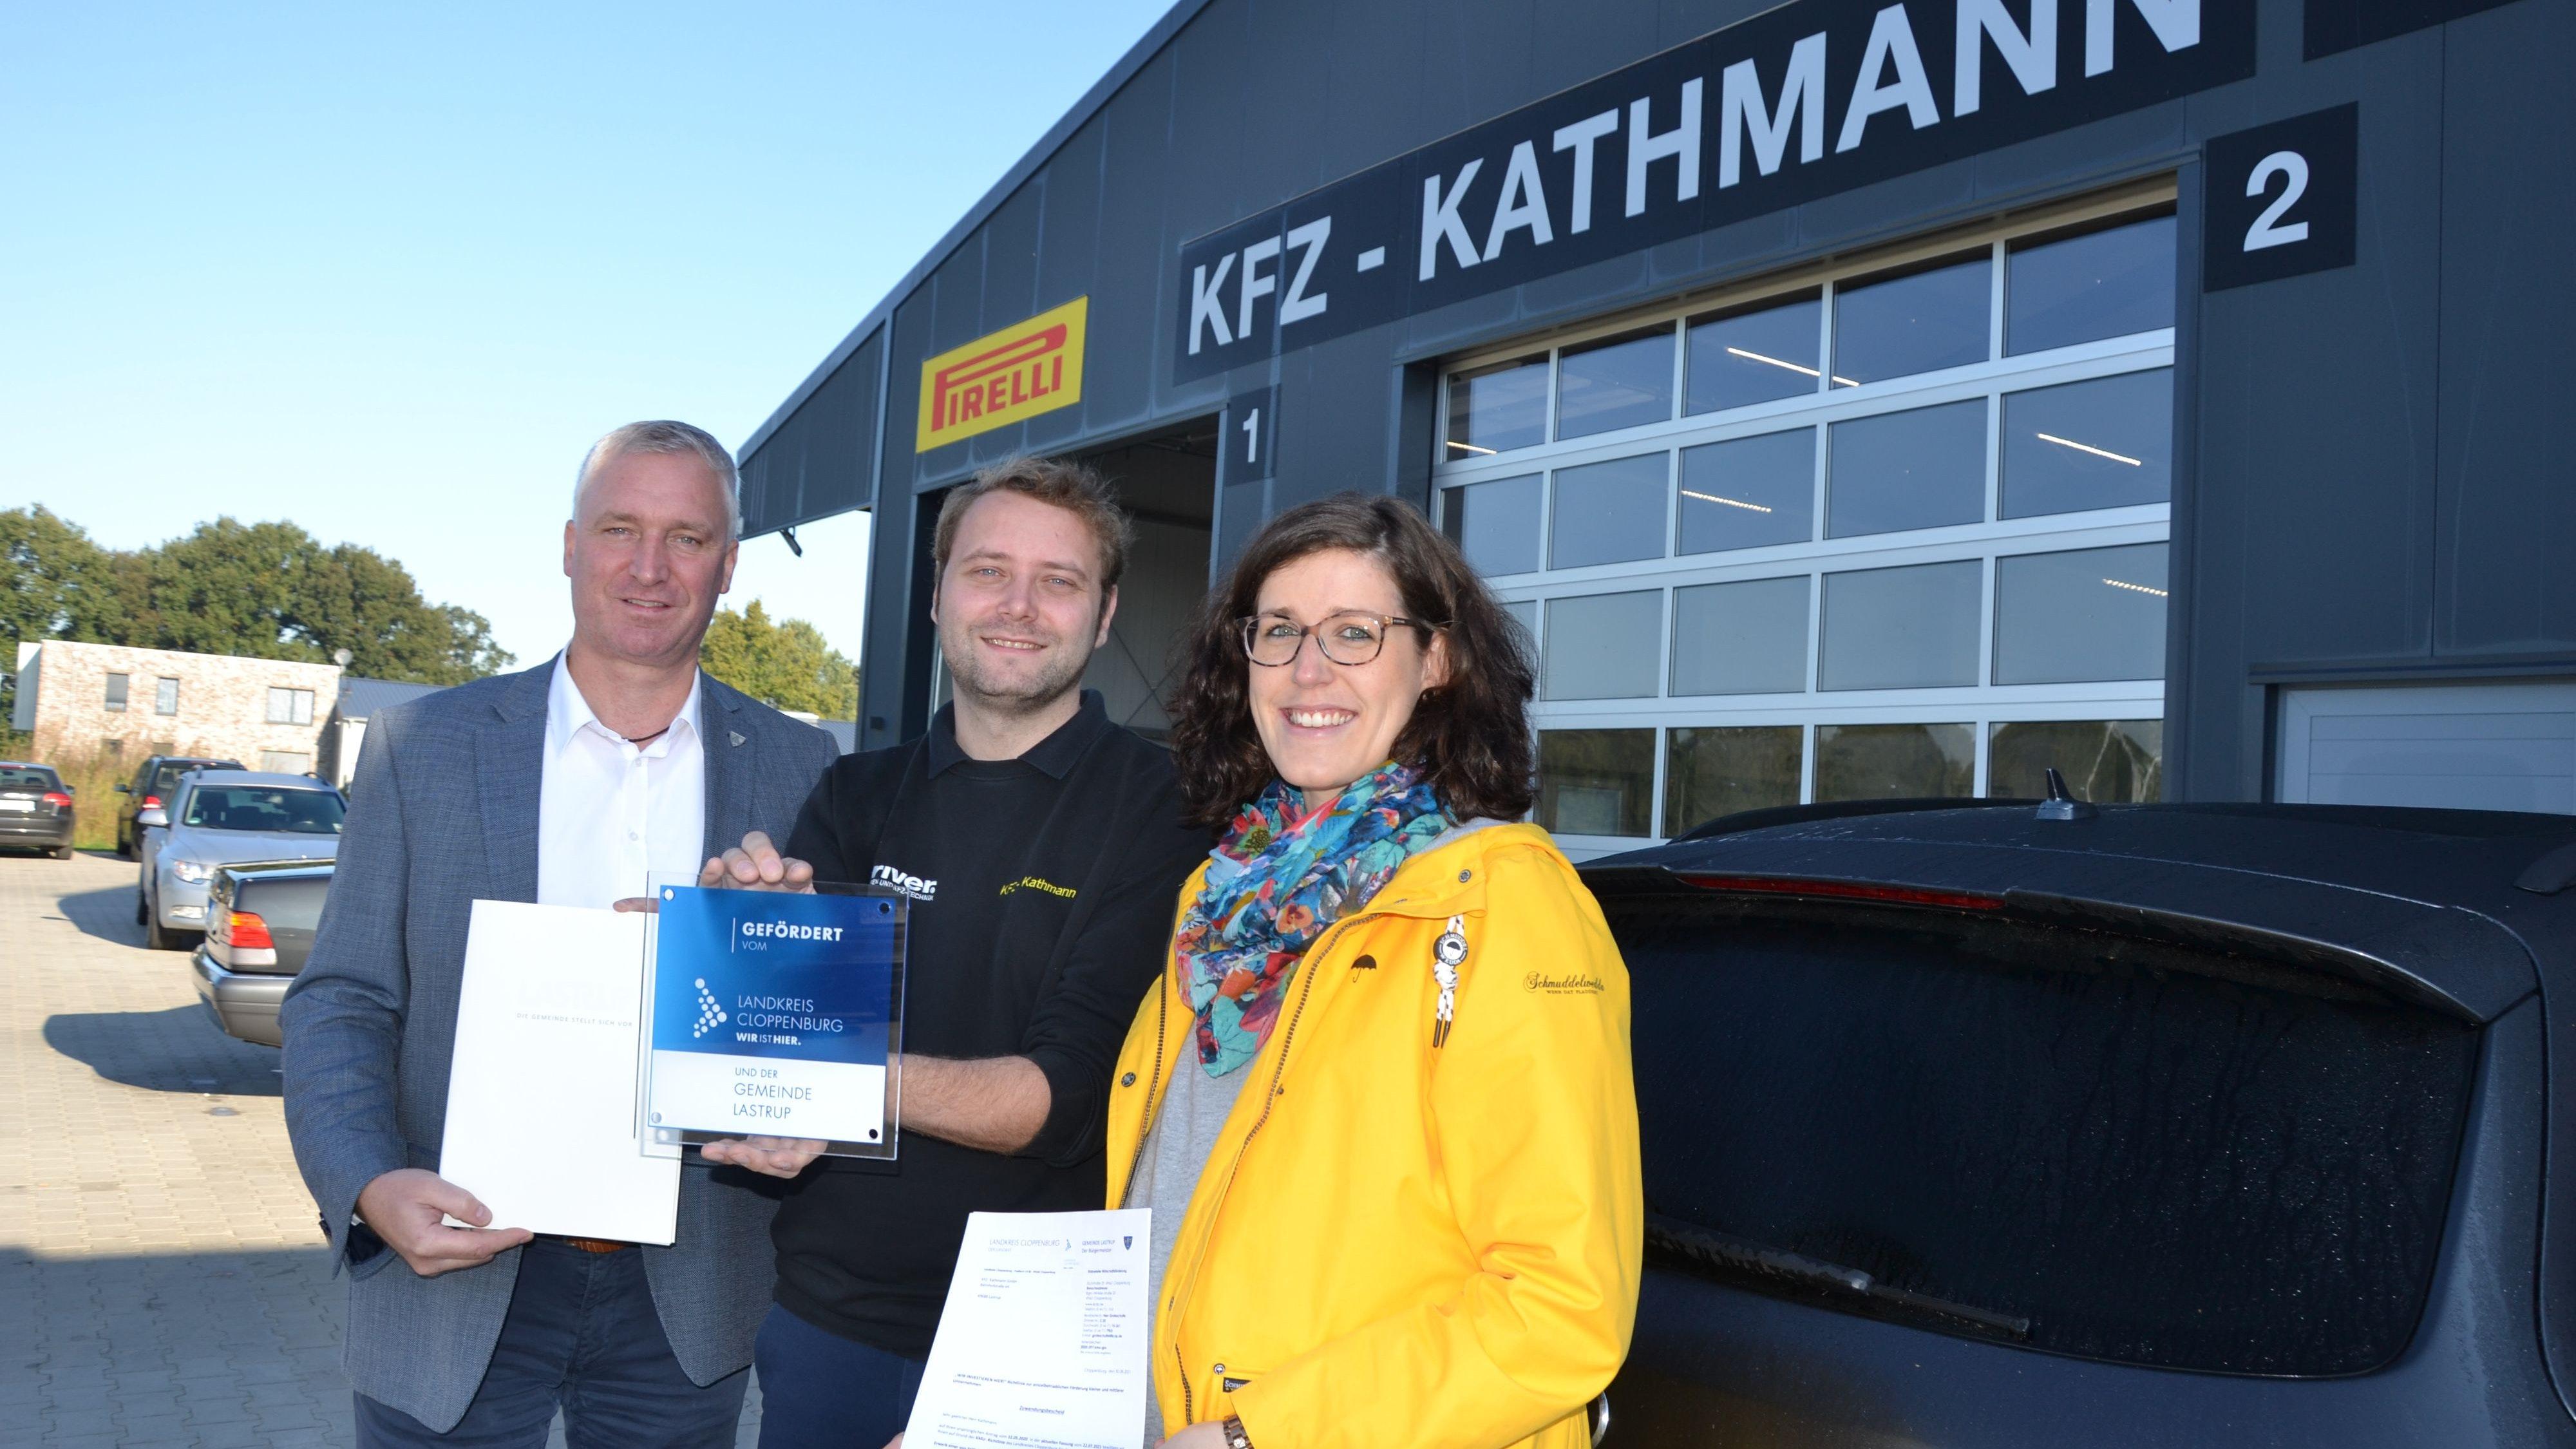 Wohlverdient (von links): Michael Kramer überreicht Andreas und Anne Kathmann den KMU-Förderbescheid. Foto: G. Meyer